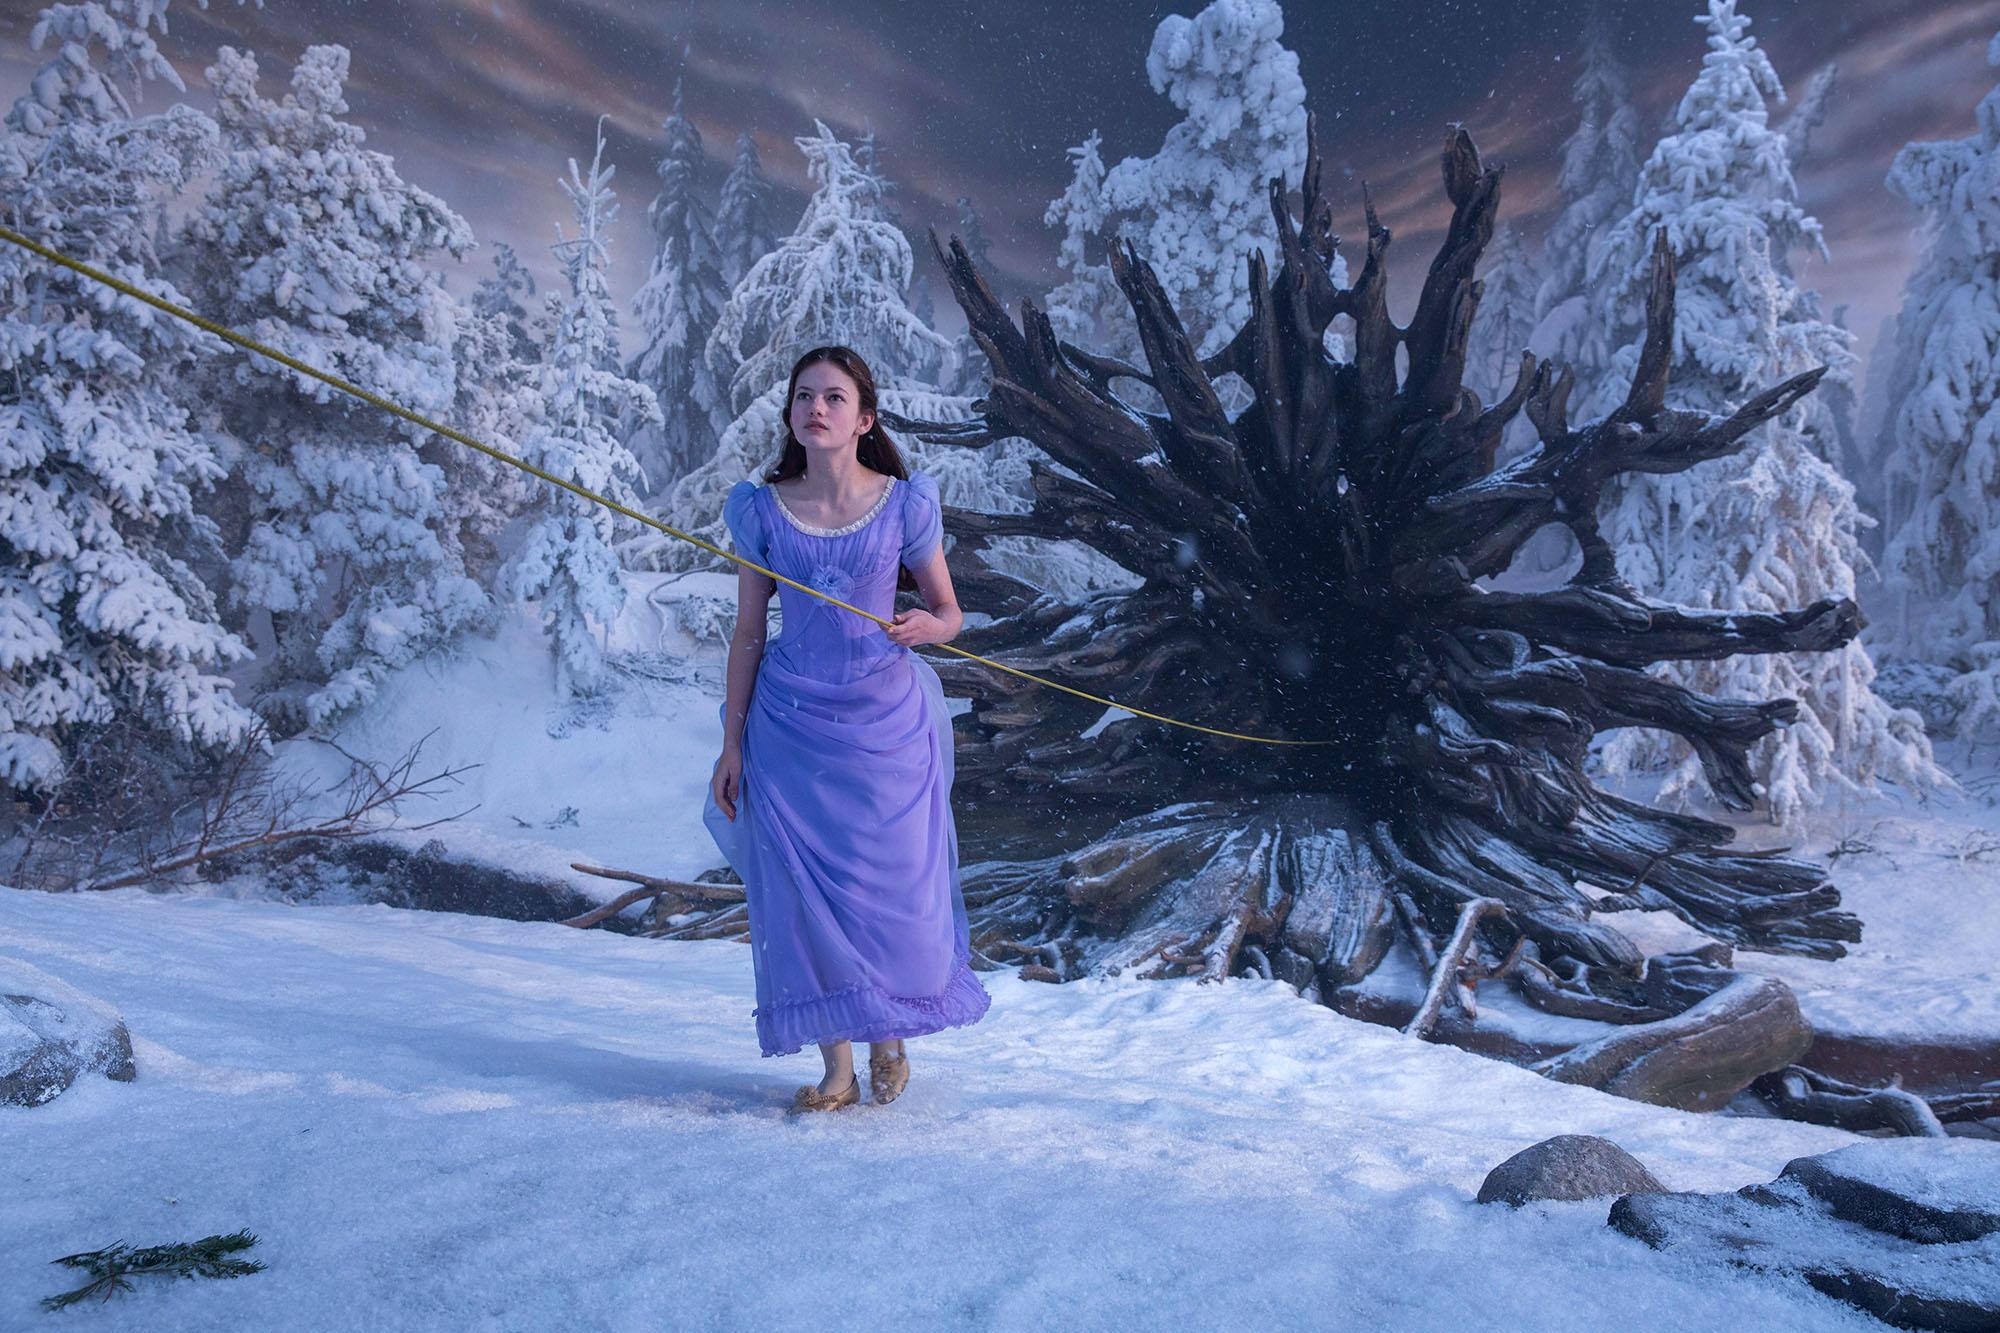 Mackenzie Foy | Walt Disney Studios Motion Pictures